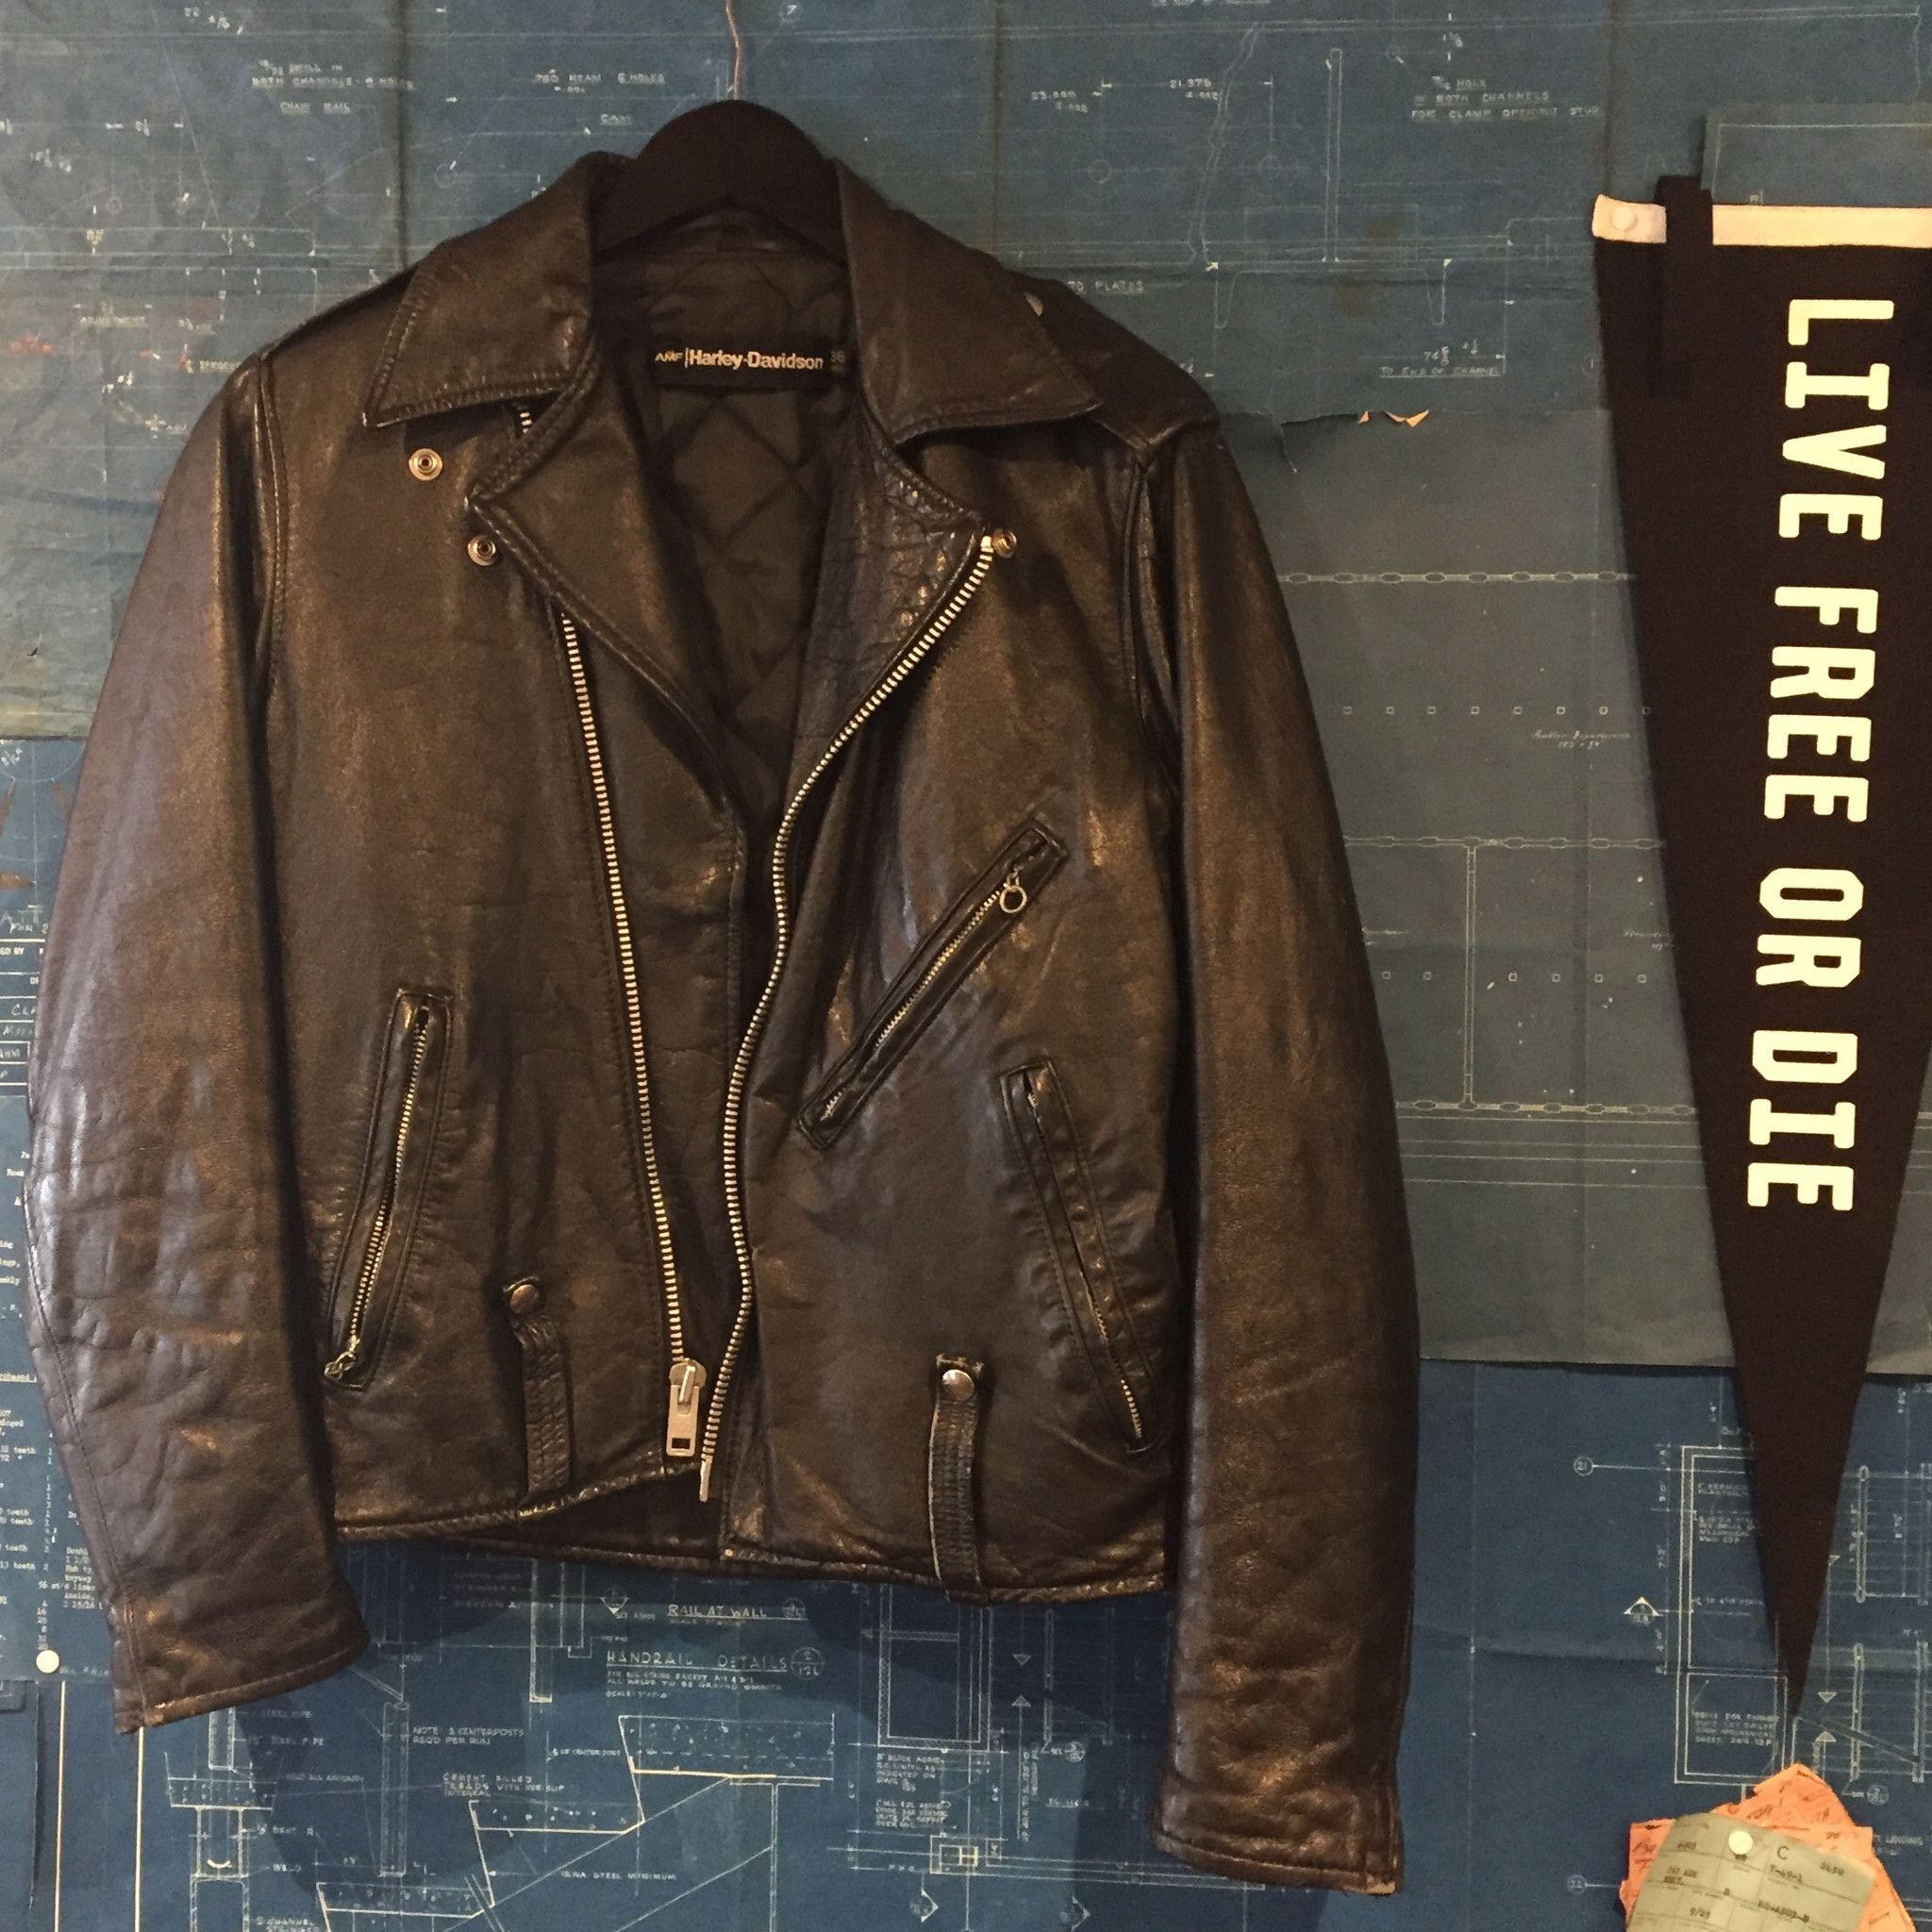 Tsy Vintage Amf Harley Davidson Leather Jacket Size 36 Reg Harley Davidson Leather Jackets Leather Jacket Jackets [ 2048 x 2048 Pixel ]